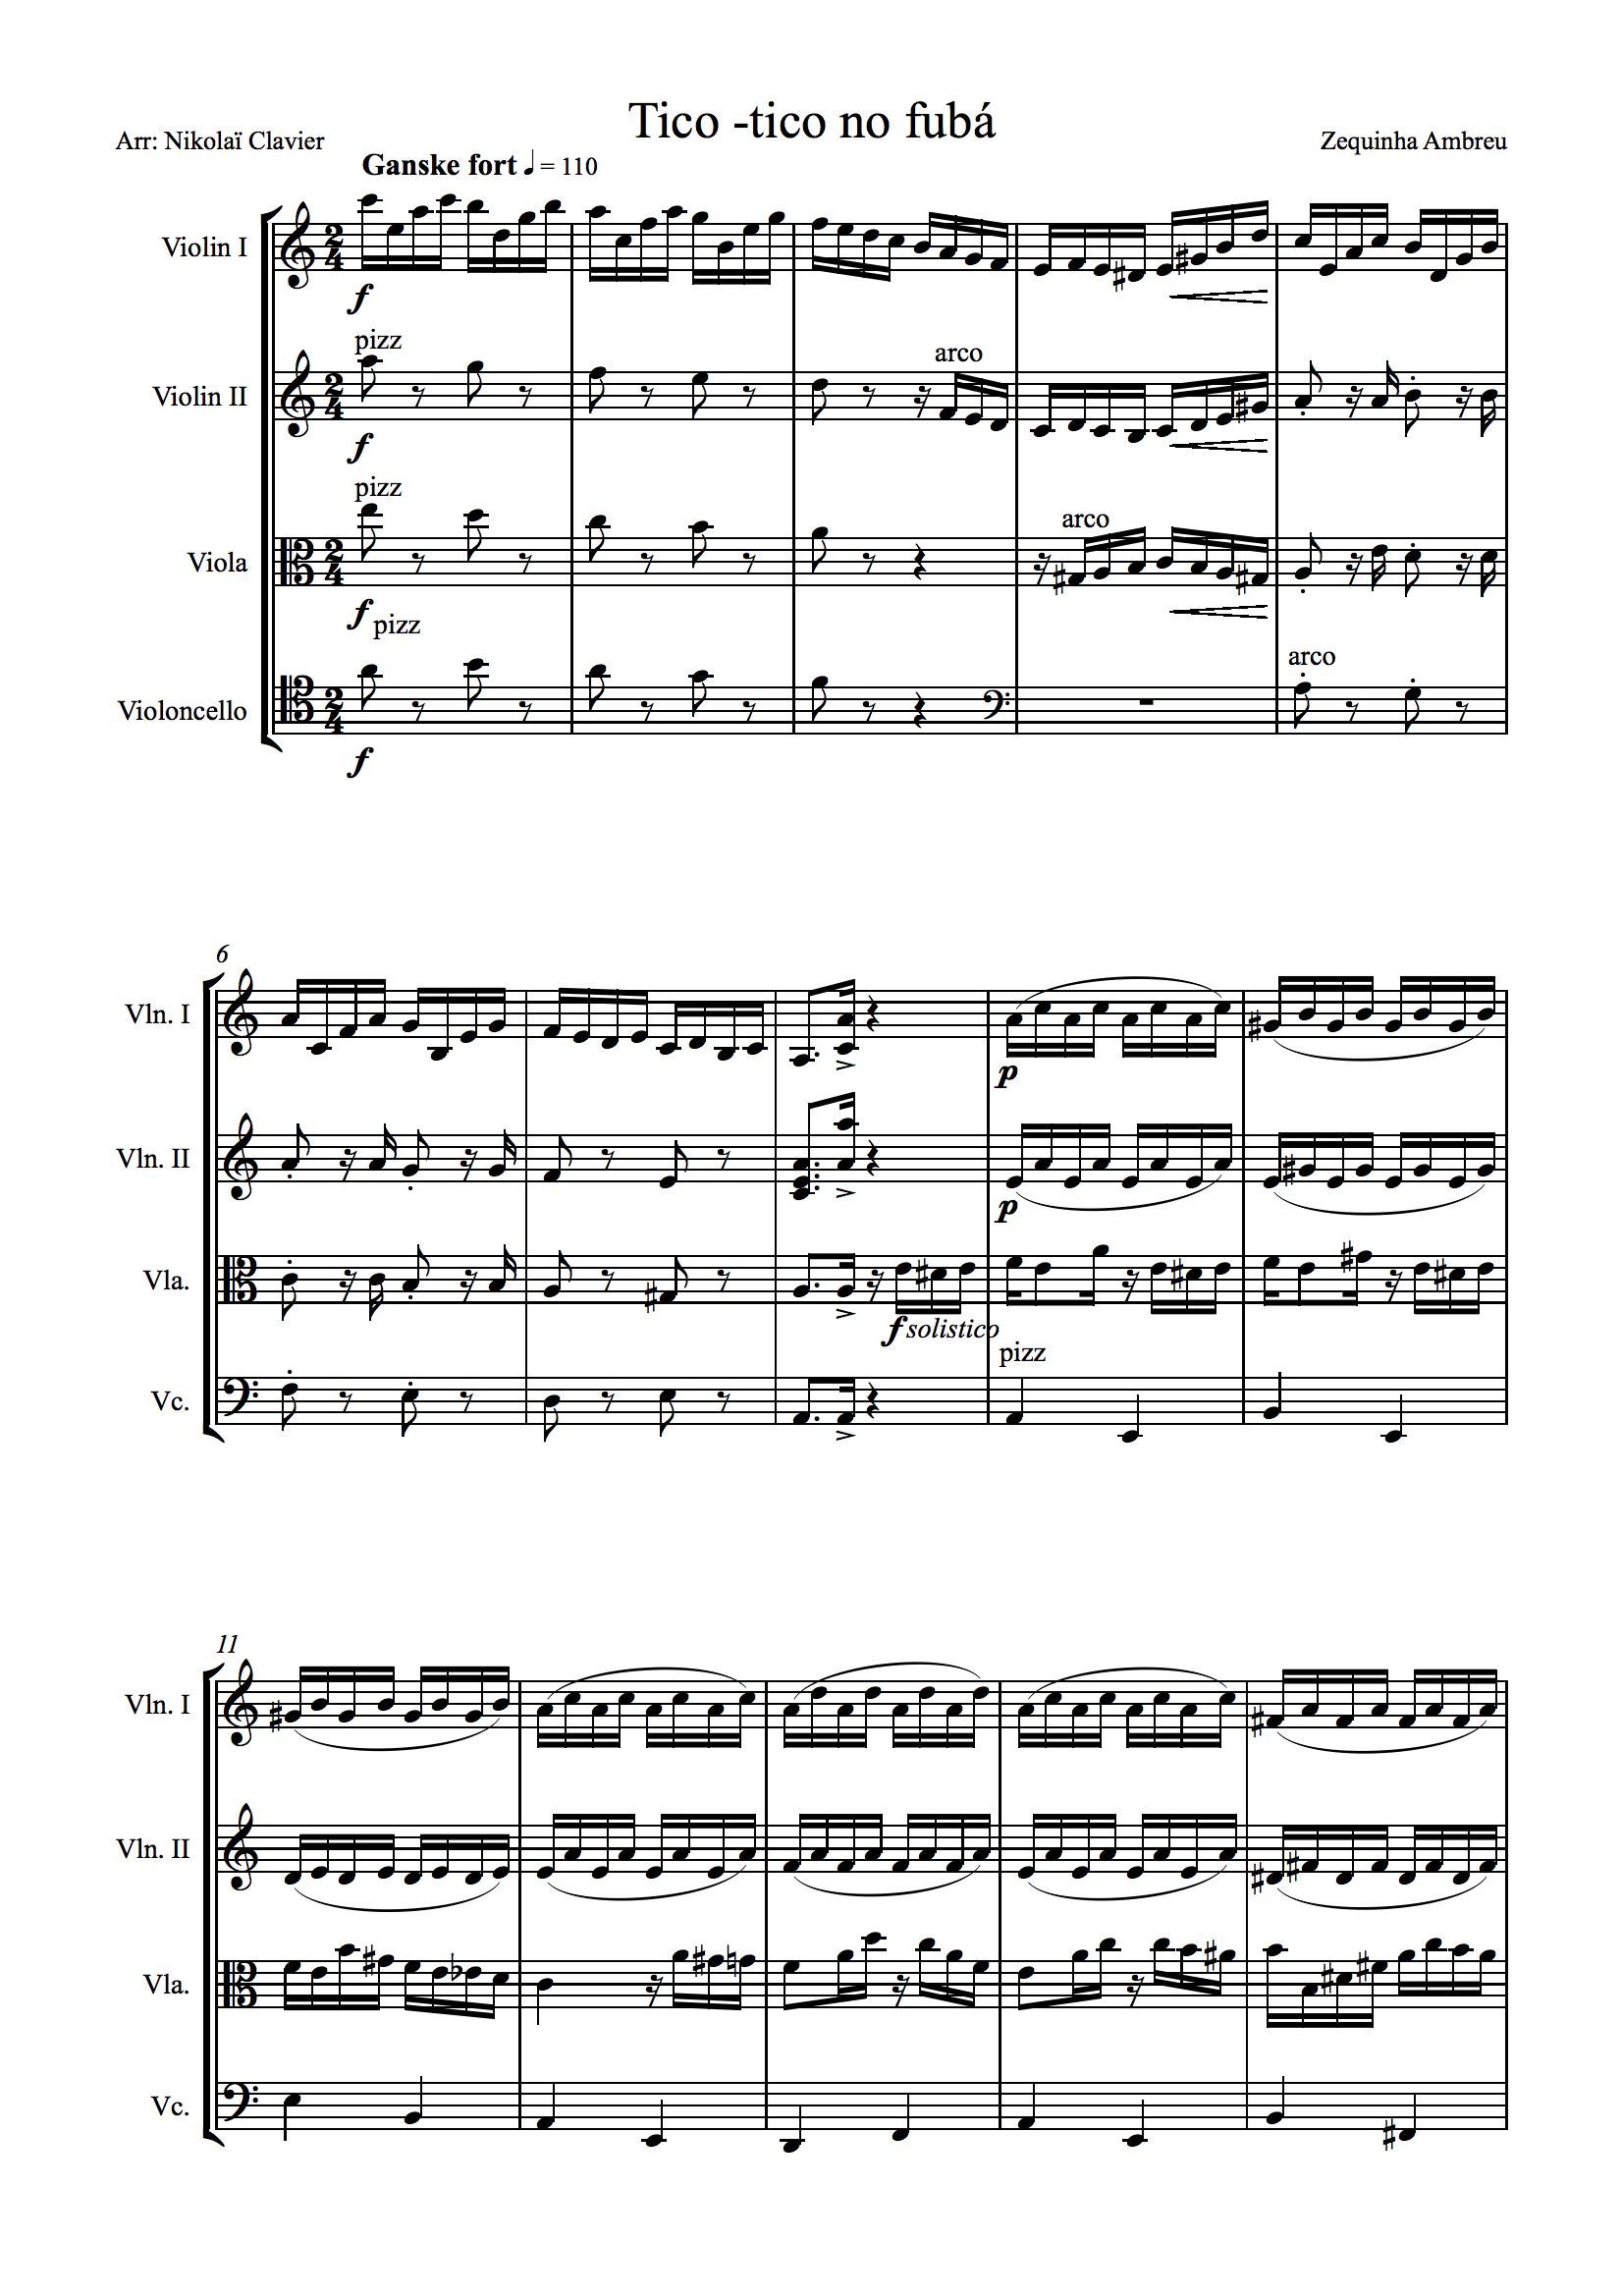 Tico Tico - full score (dragged)